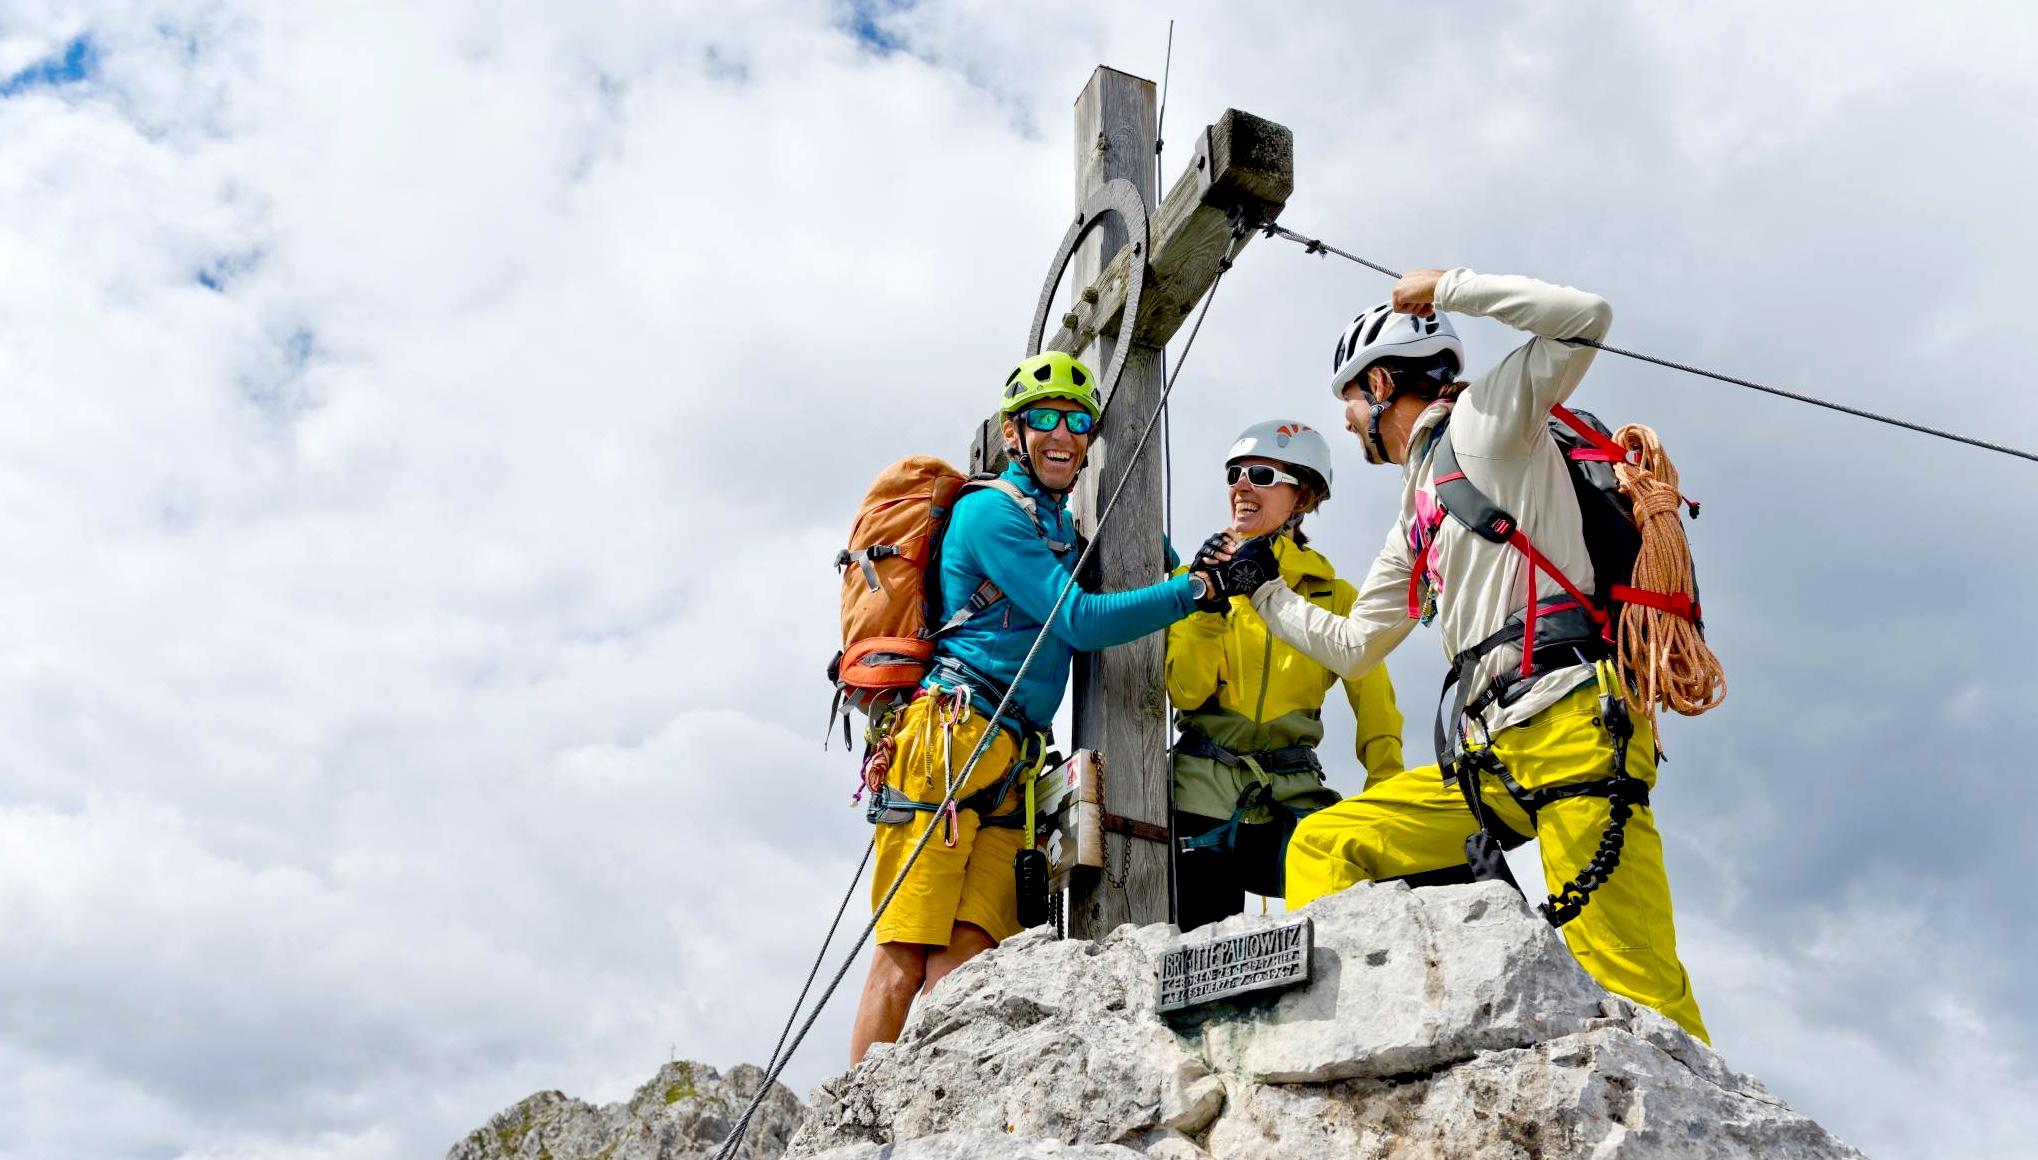 Alpenverein Unfall-Lebensrente für 2020